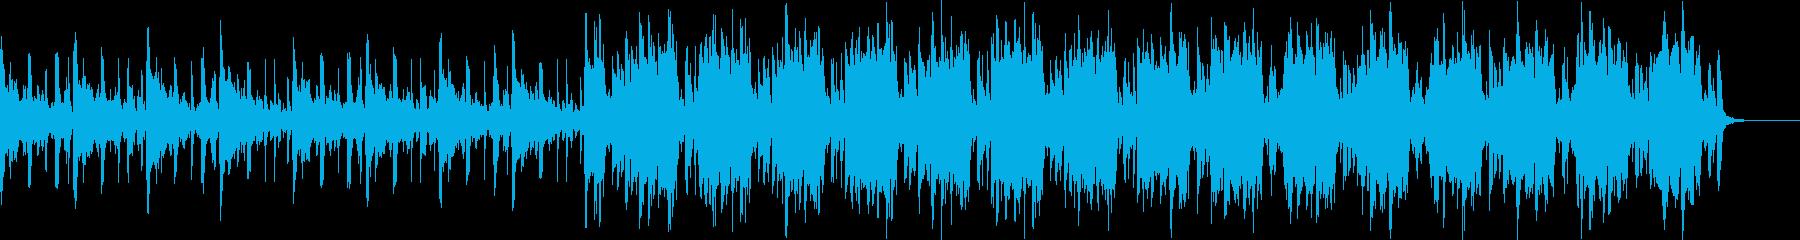 Pf「悪巧」和風現代ジャズの再生済みの波形